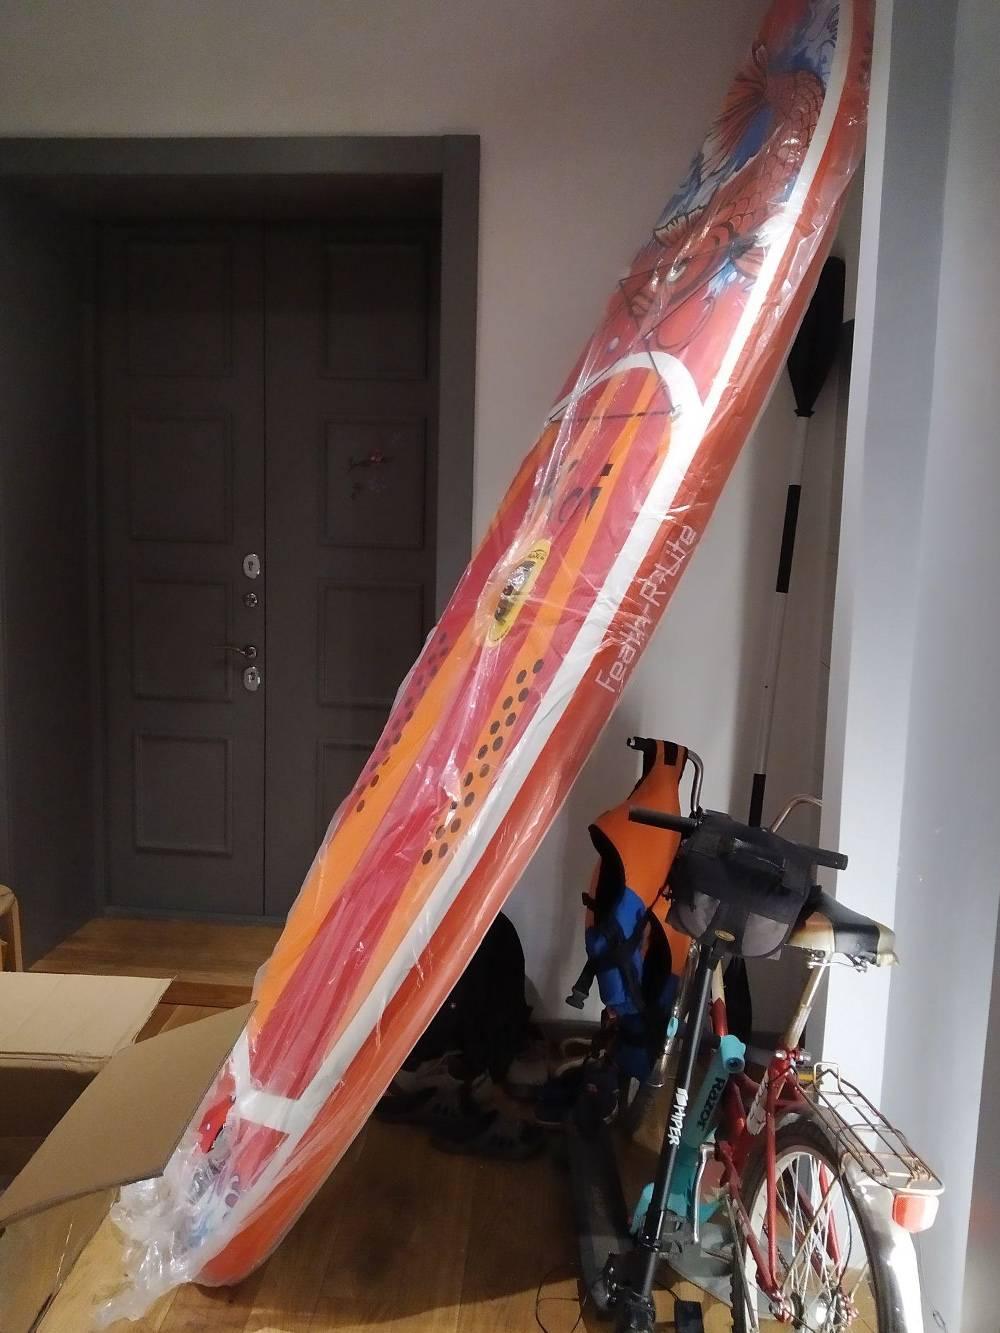 Одна издосок, которую я продавал, вдлину была 350см. Вот как она выглядела вмоей квартире счетырехметровыми потолками